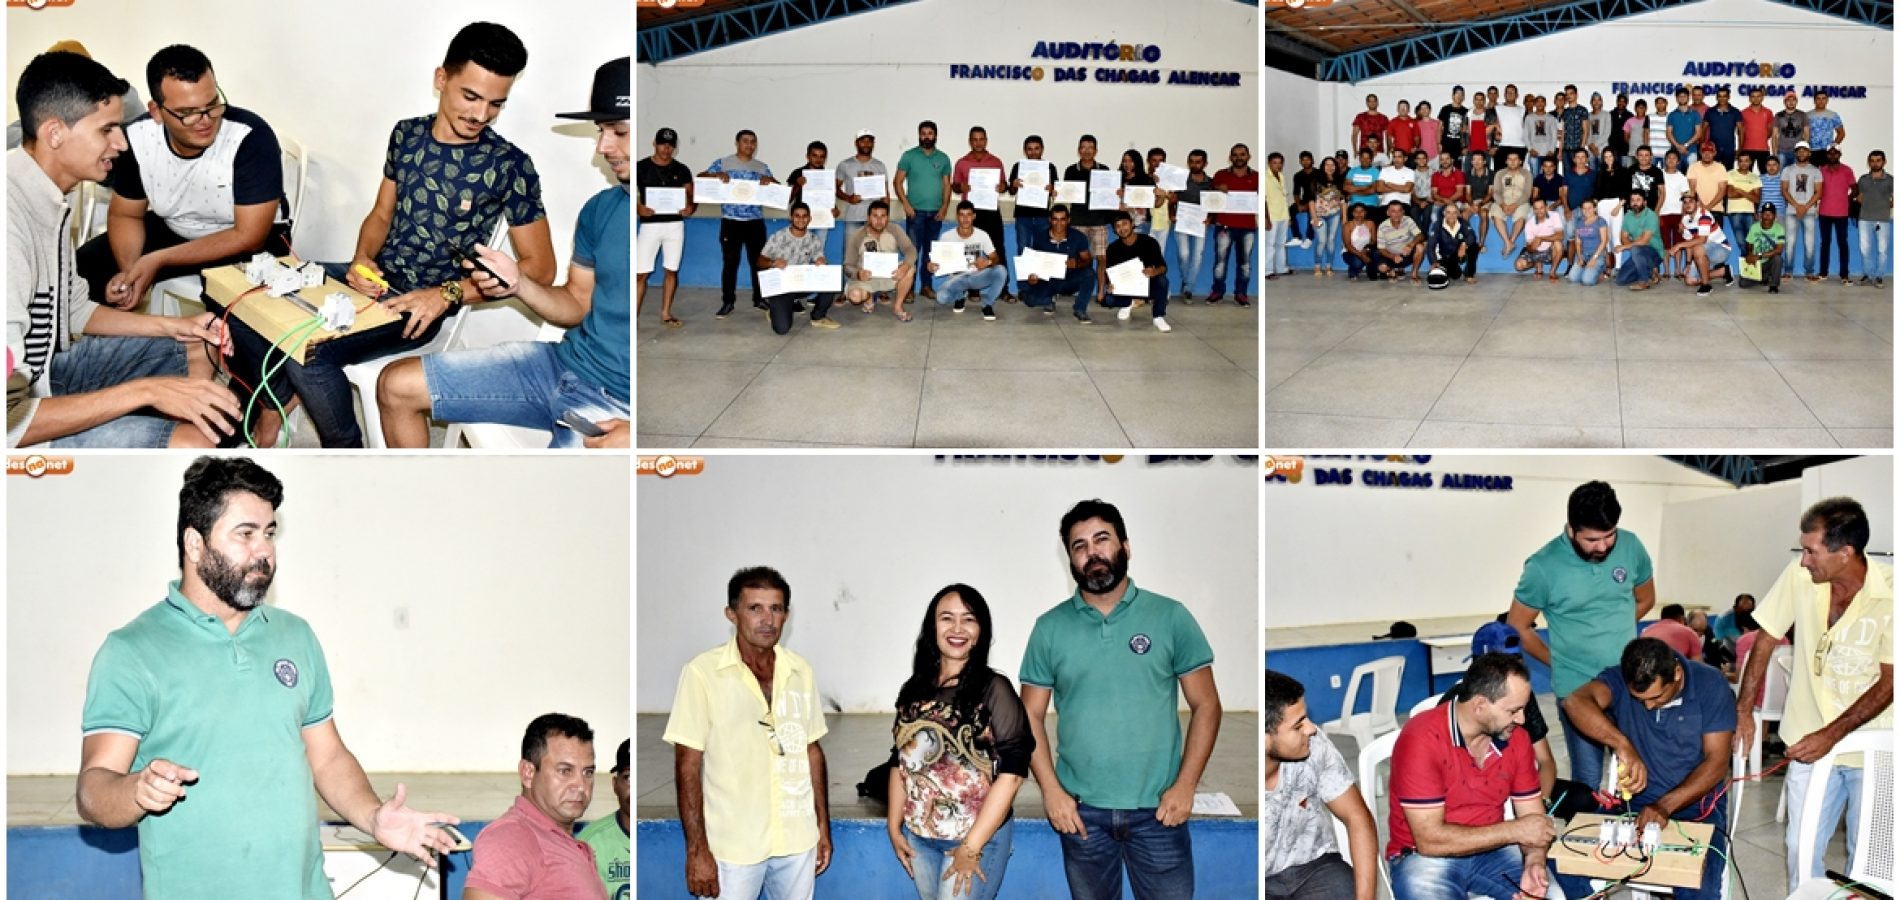 Gestão do prefeito Nonato Alencar em Francisco Macedo promove Curso Instalador de Energia Solar